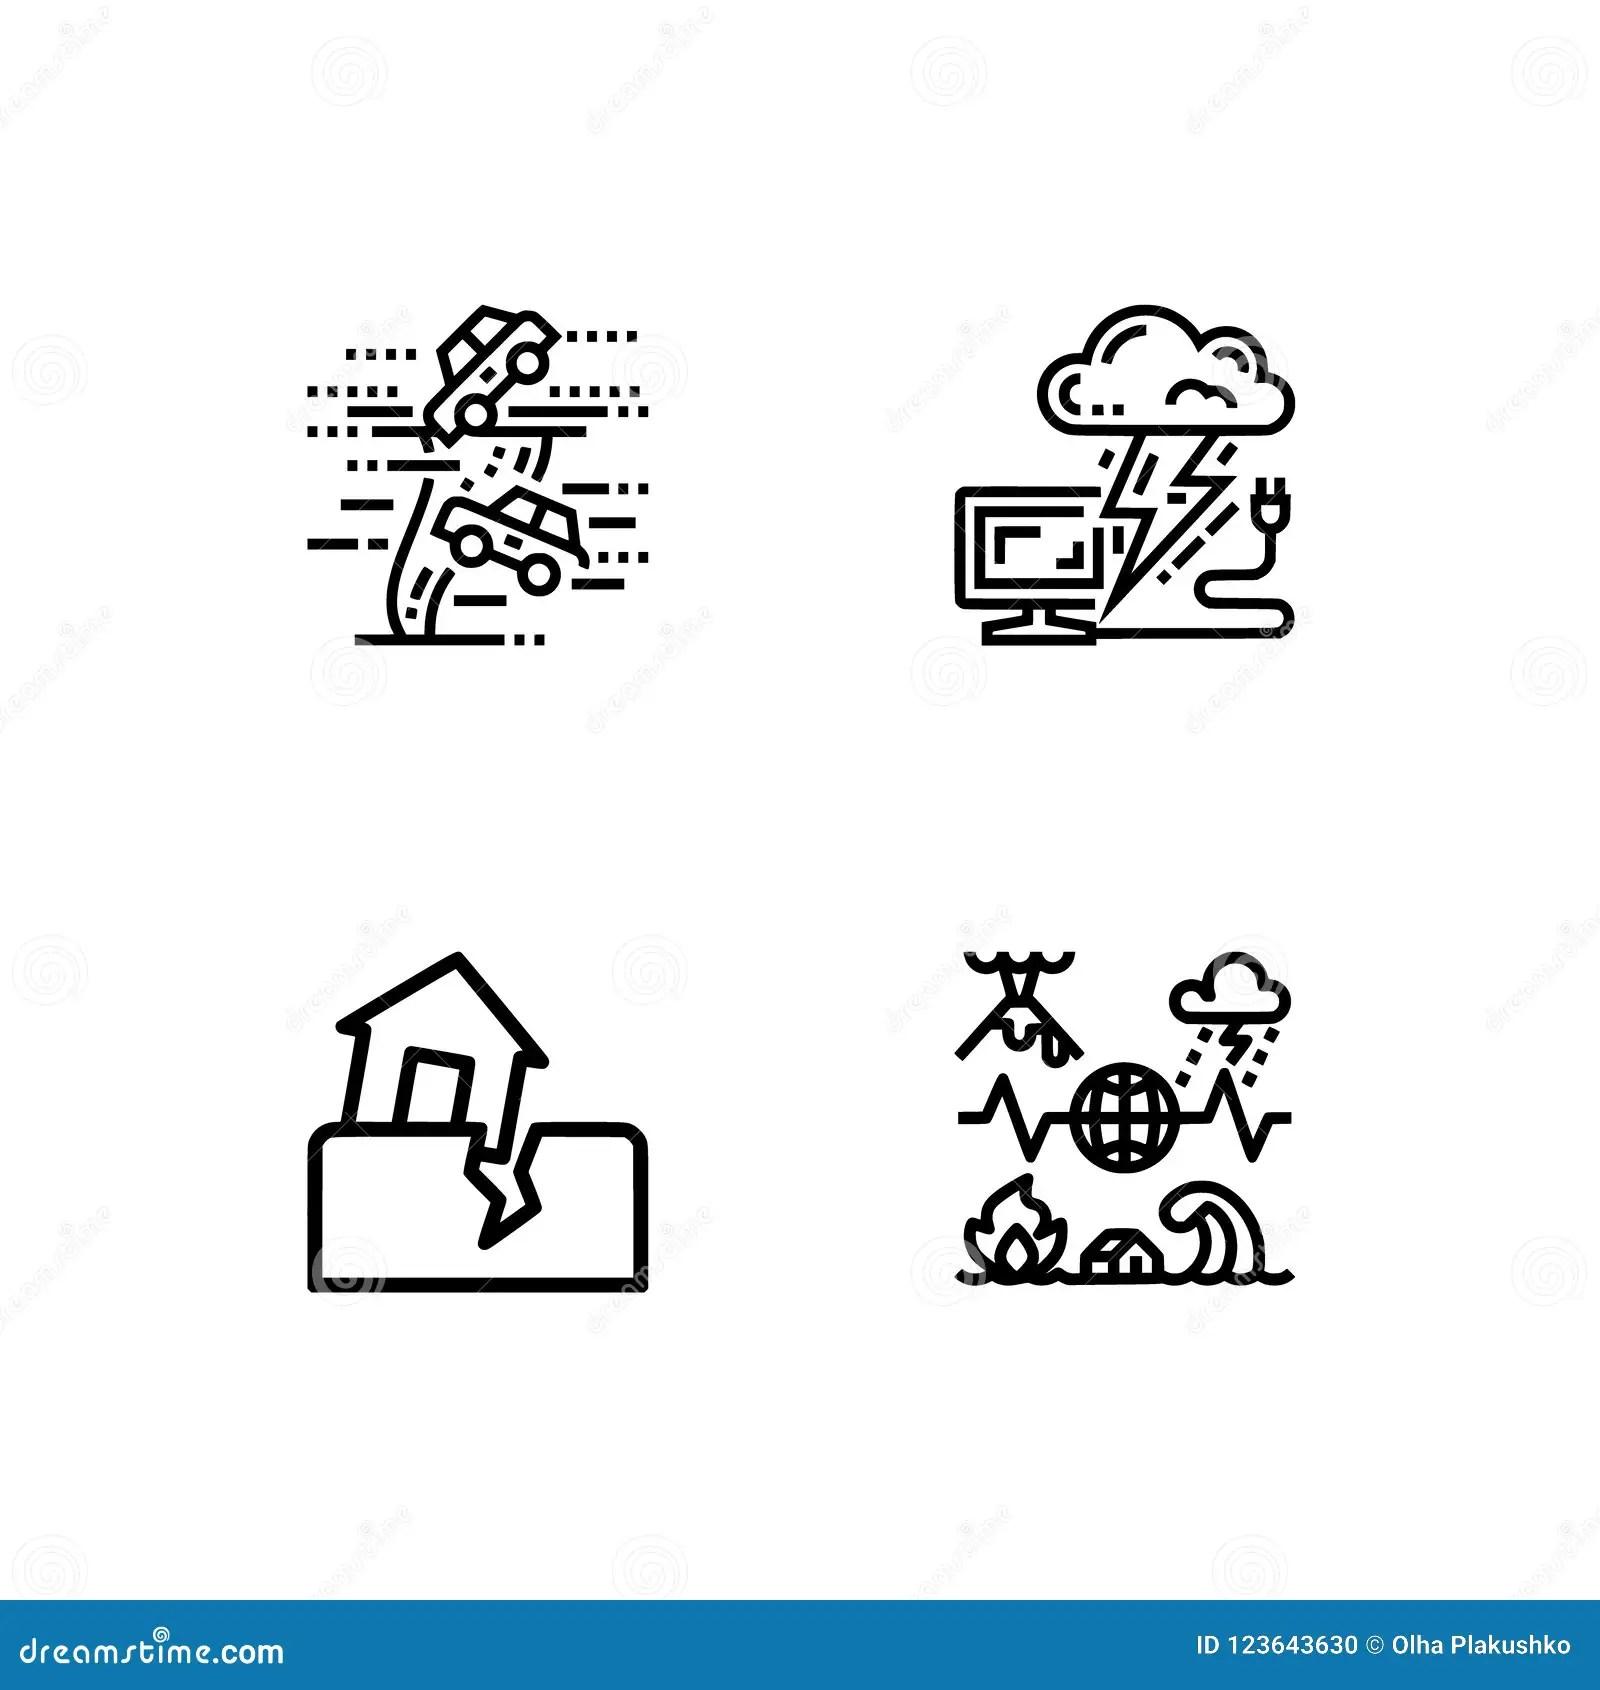 Earthquake Ii Cartoon Vector